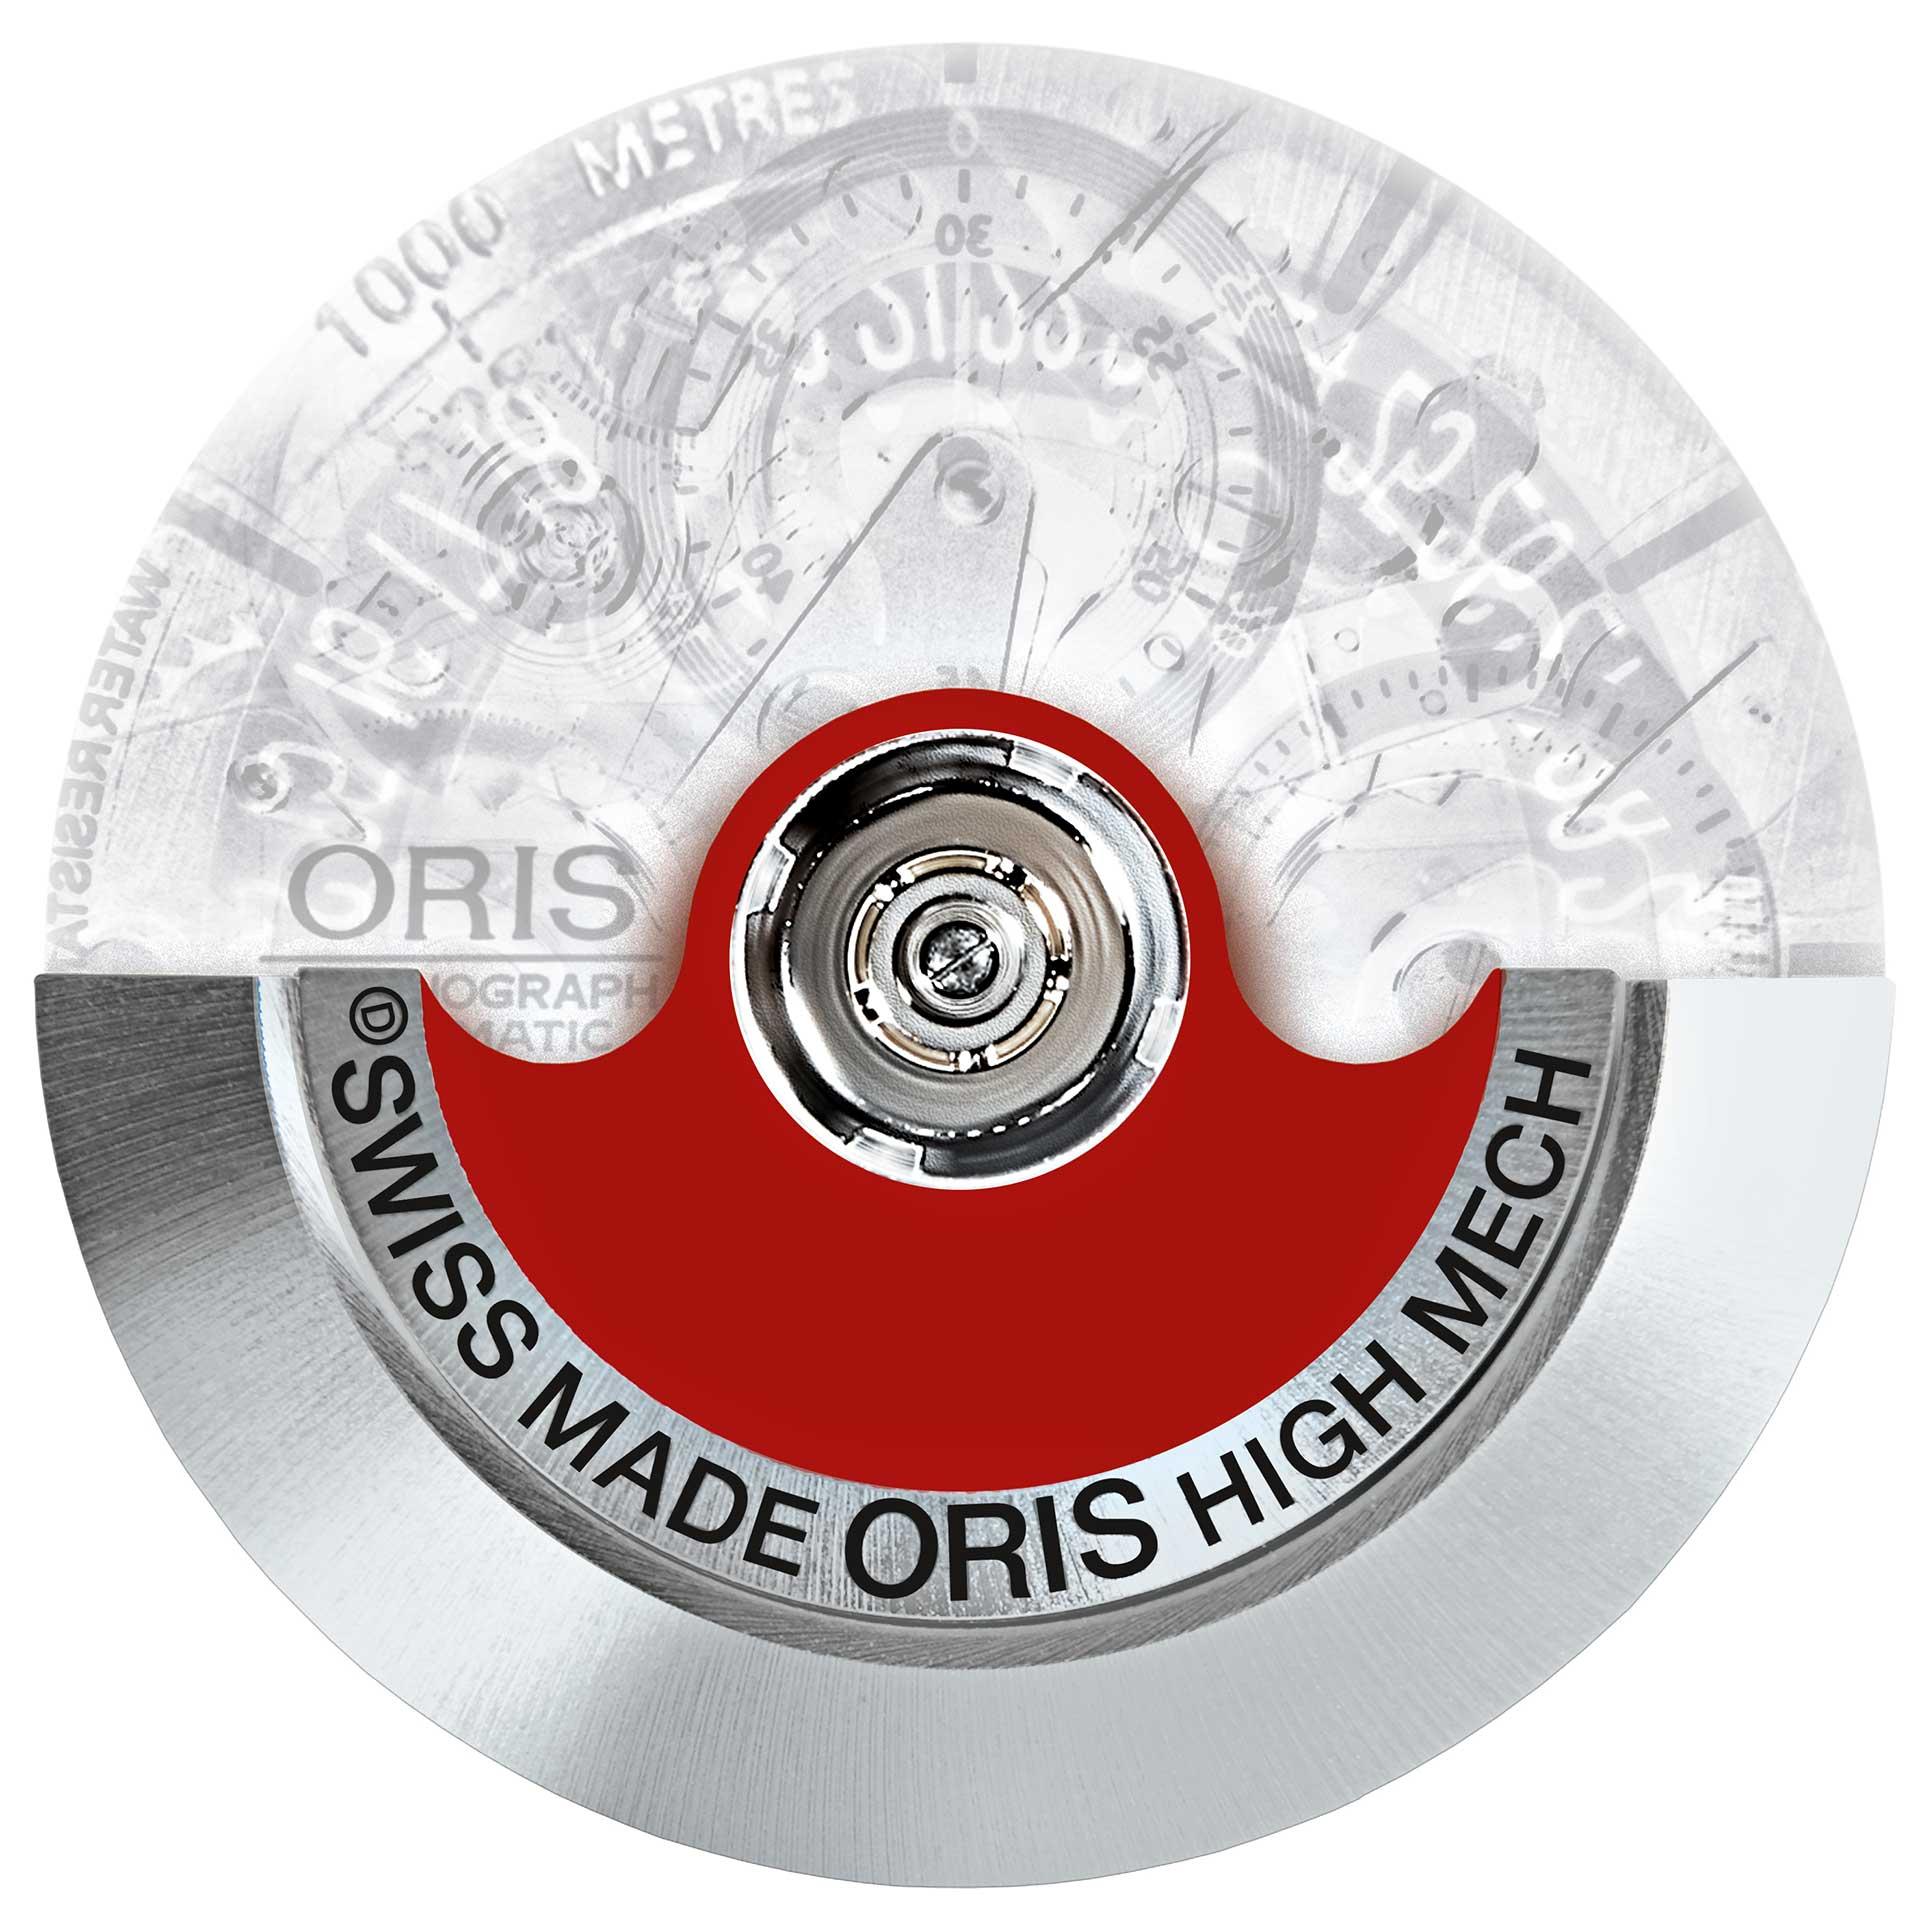 Signalfarbe: Oris nutzt seit 2002 den roten Aufzugsrotor als Symbol und hat ihn als Warenzeichen schützen lassen.